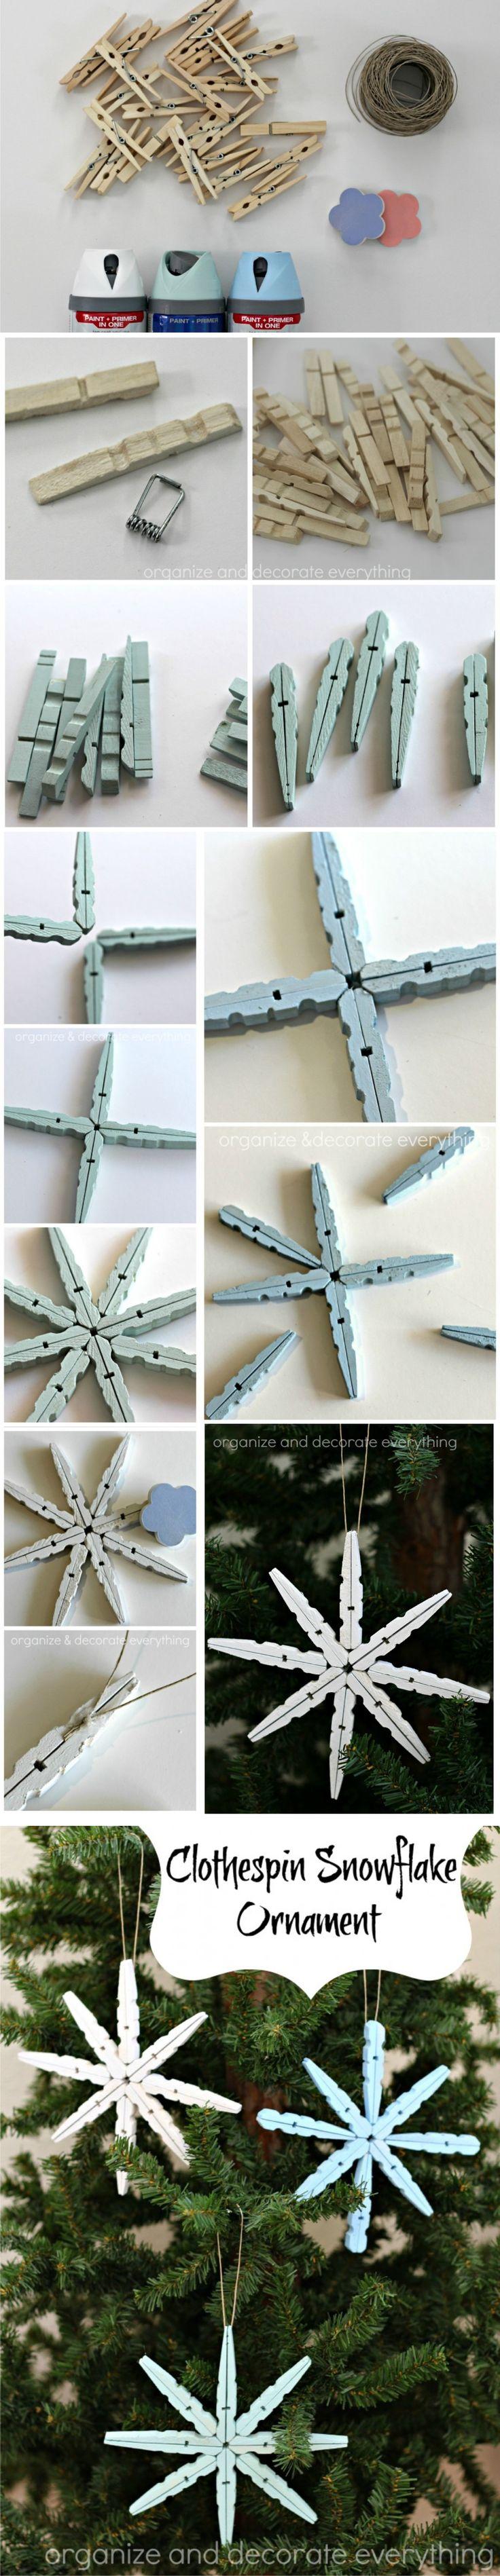 Ingeniosa decoración navideña con pinzas de madera / Via http://organizeyourstuffnow.com/